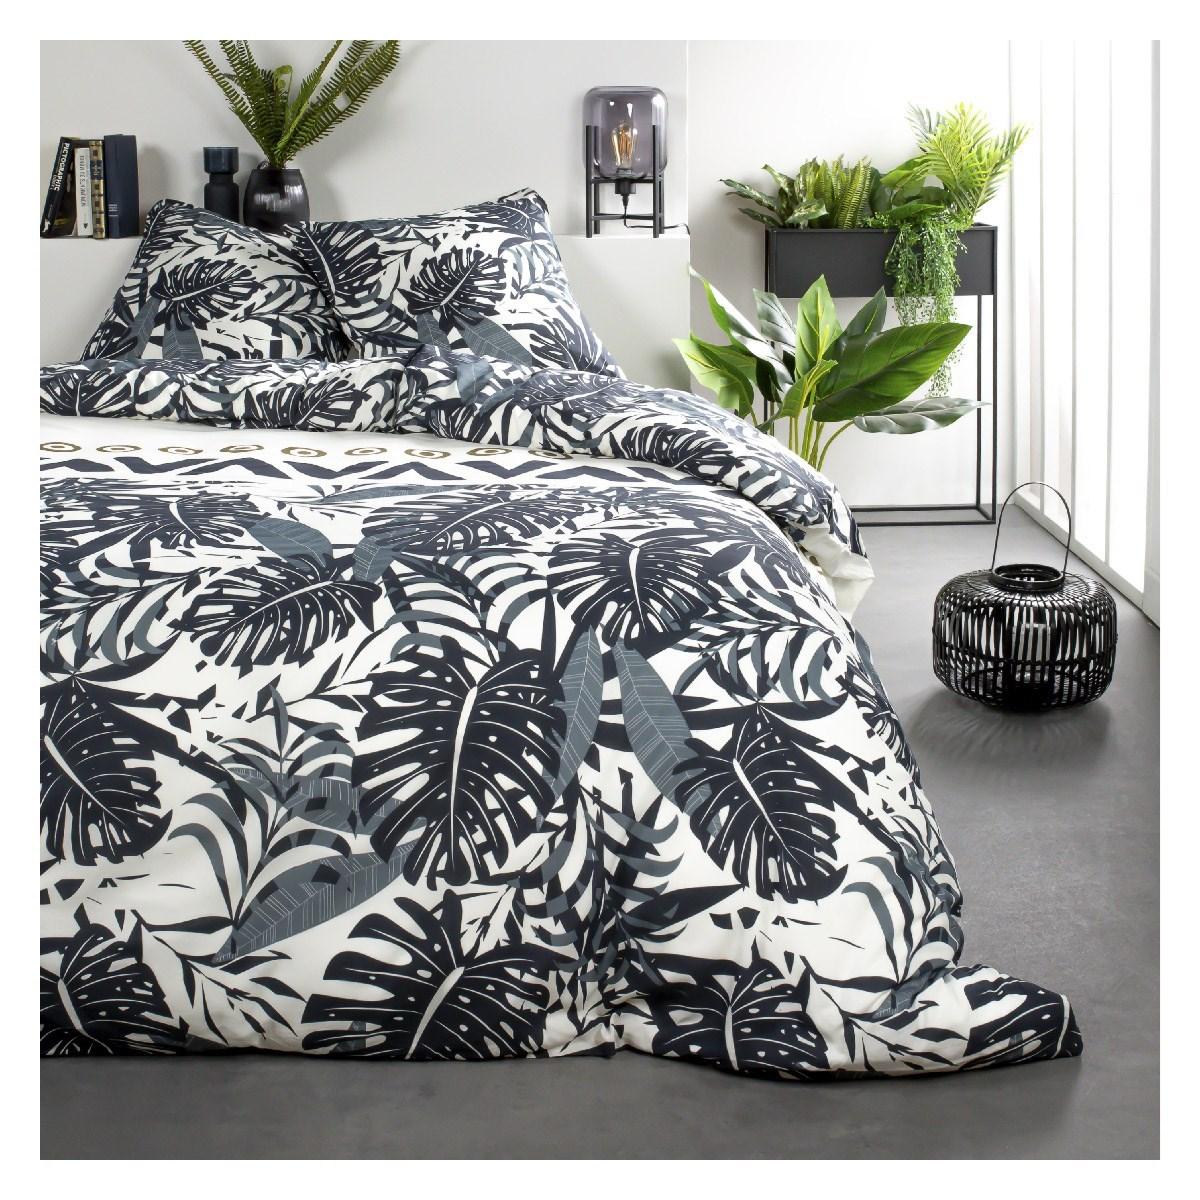 Parure de lit 2 personnes imprimé jungle en Coton Blanc 240x260 cm